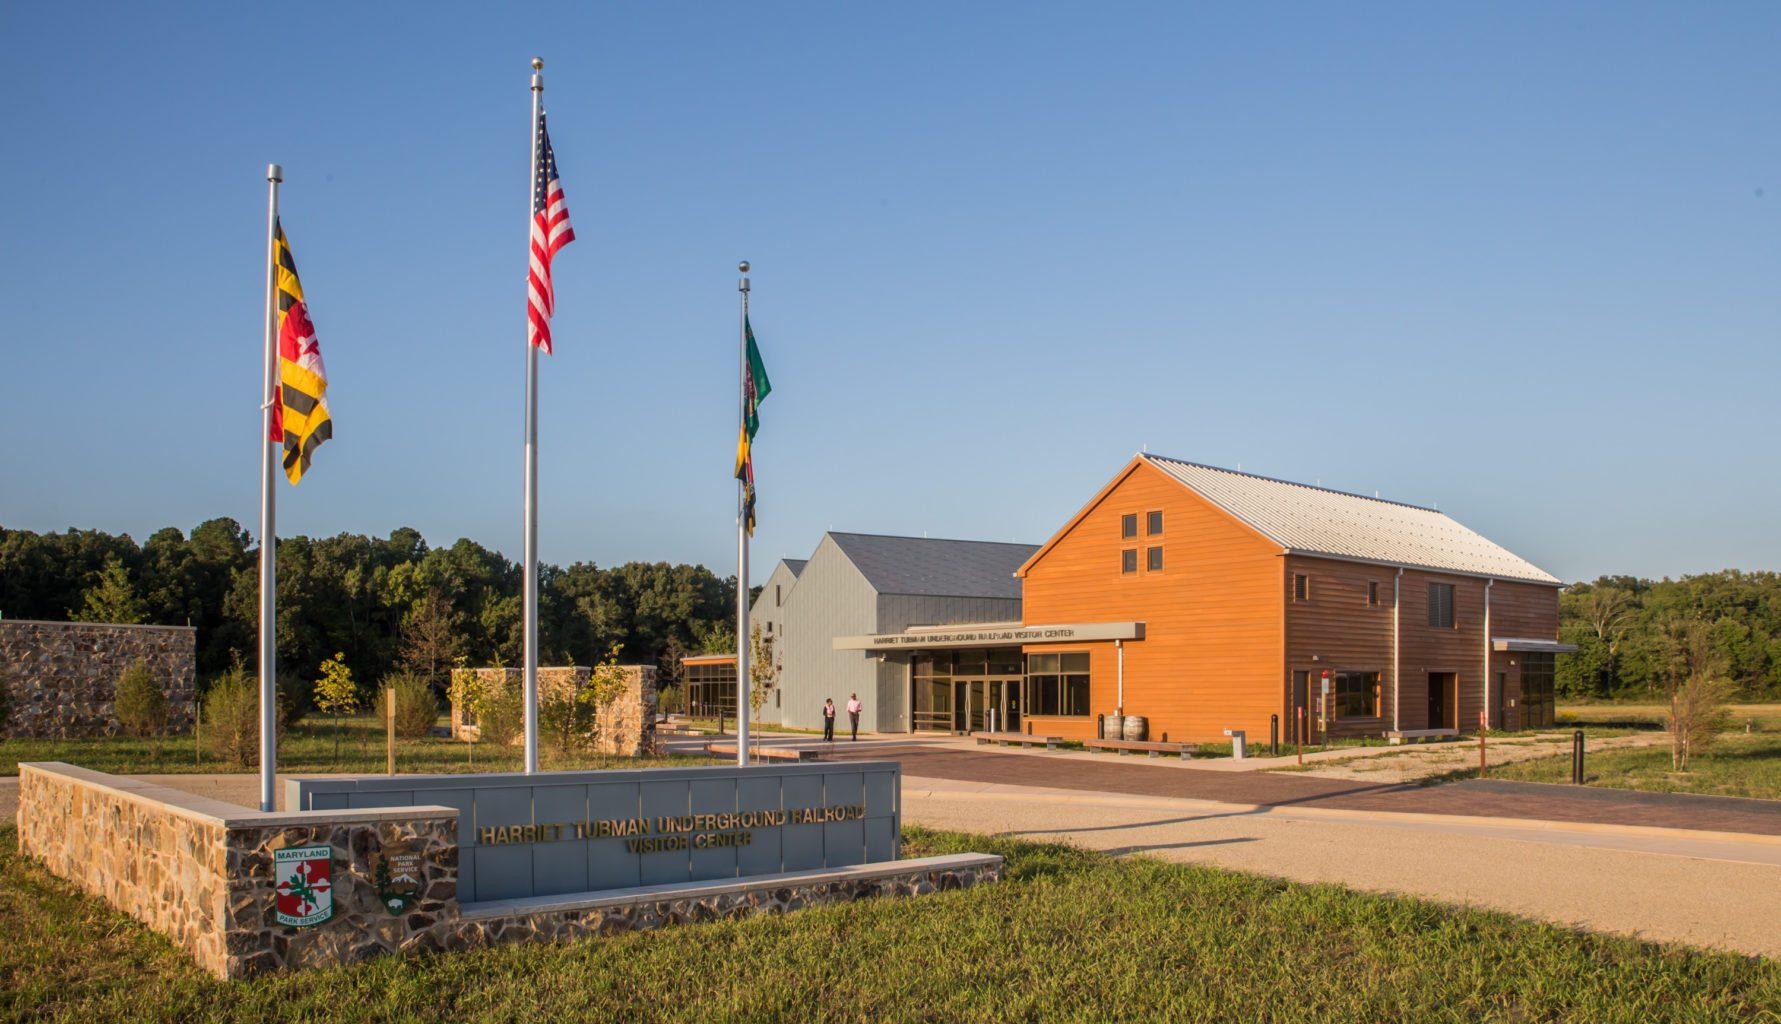 Harriet Tubman Underground Railroad Visitor Center, Dorchester County, MD